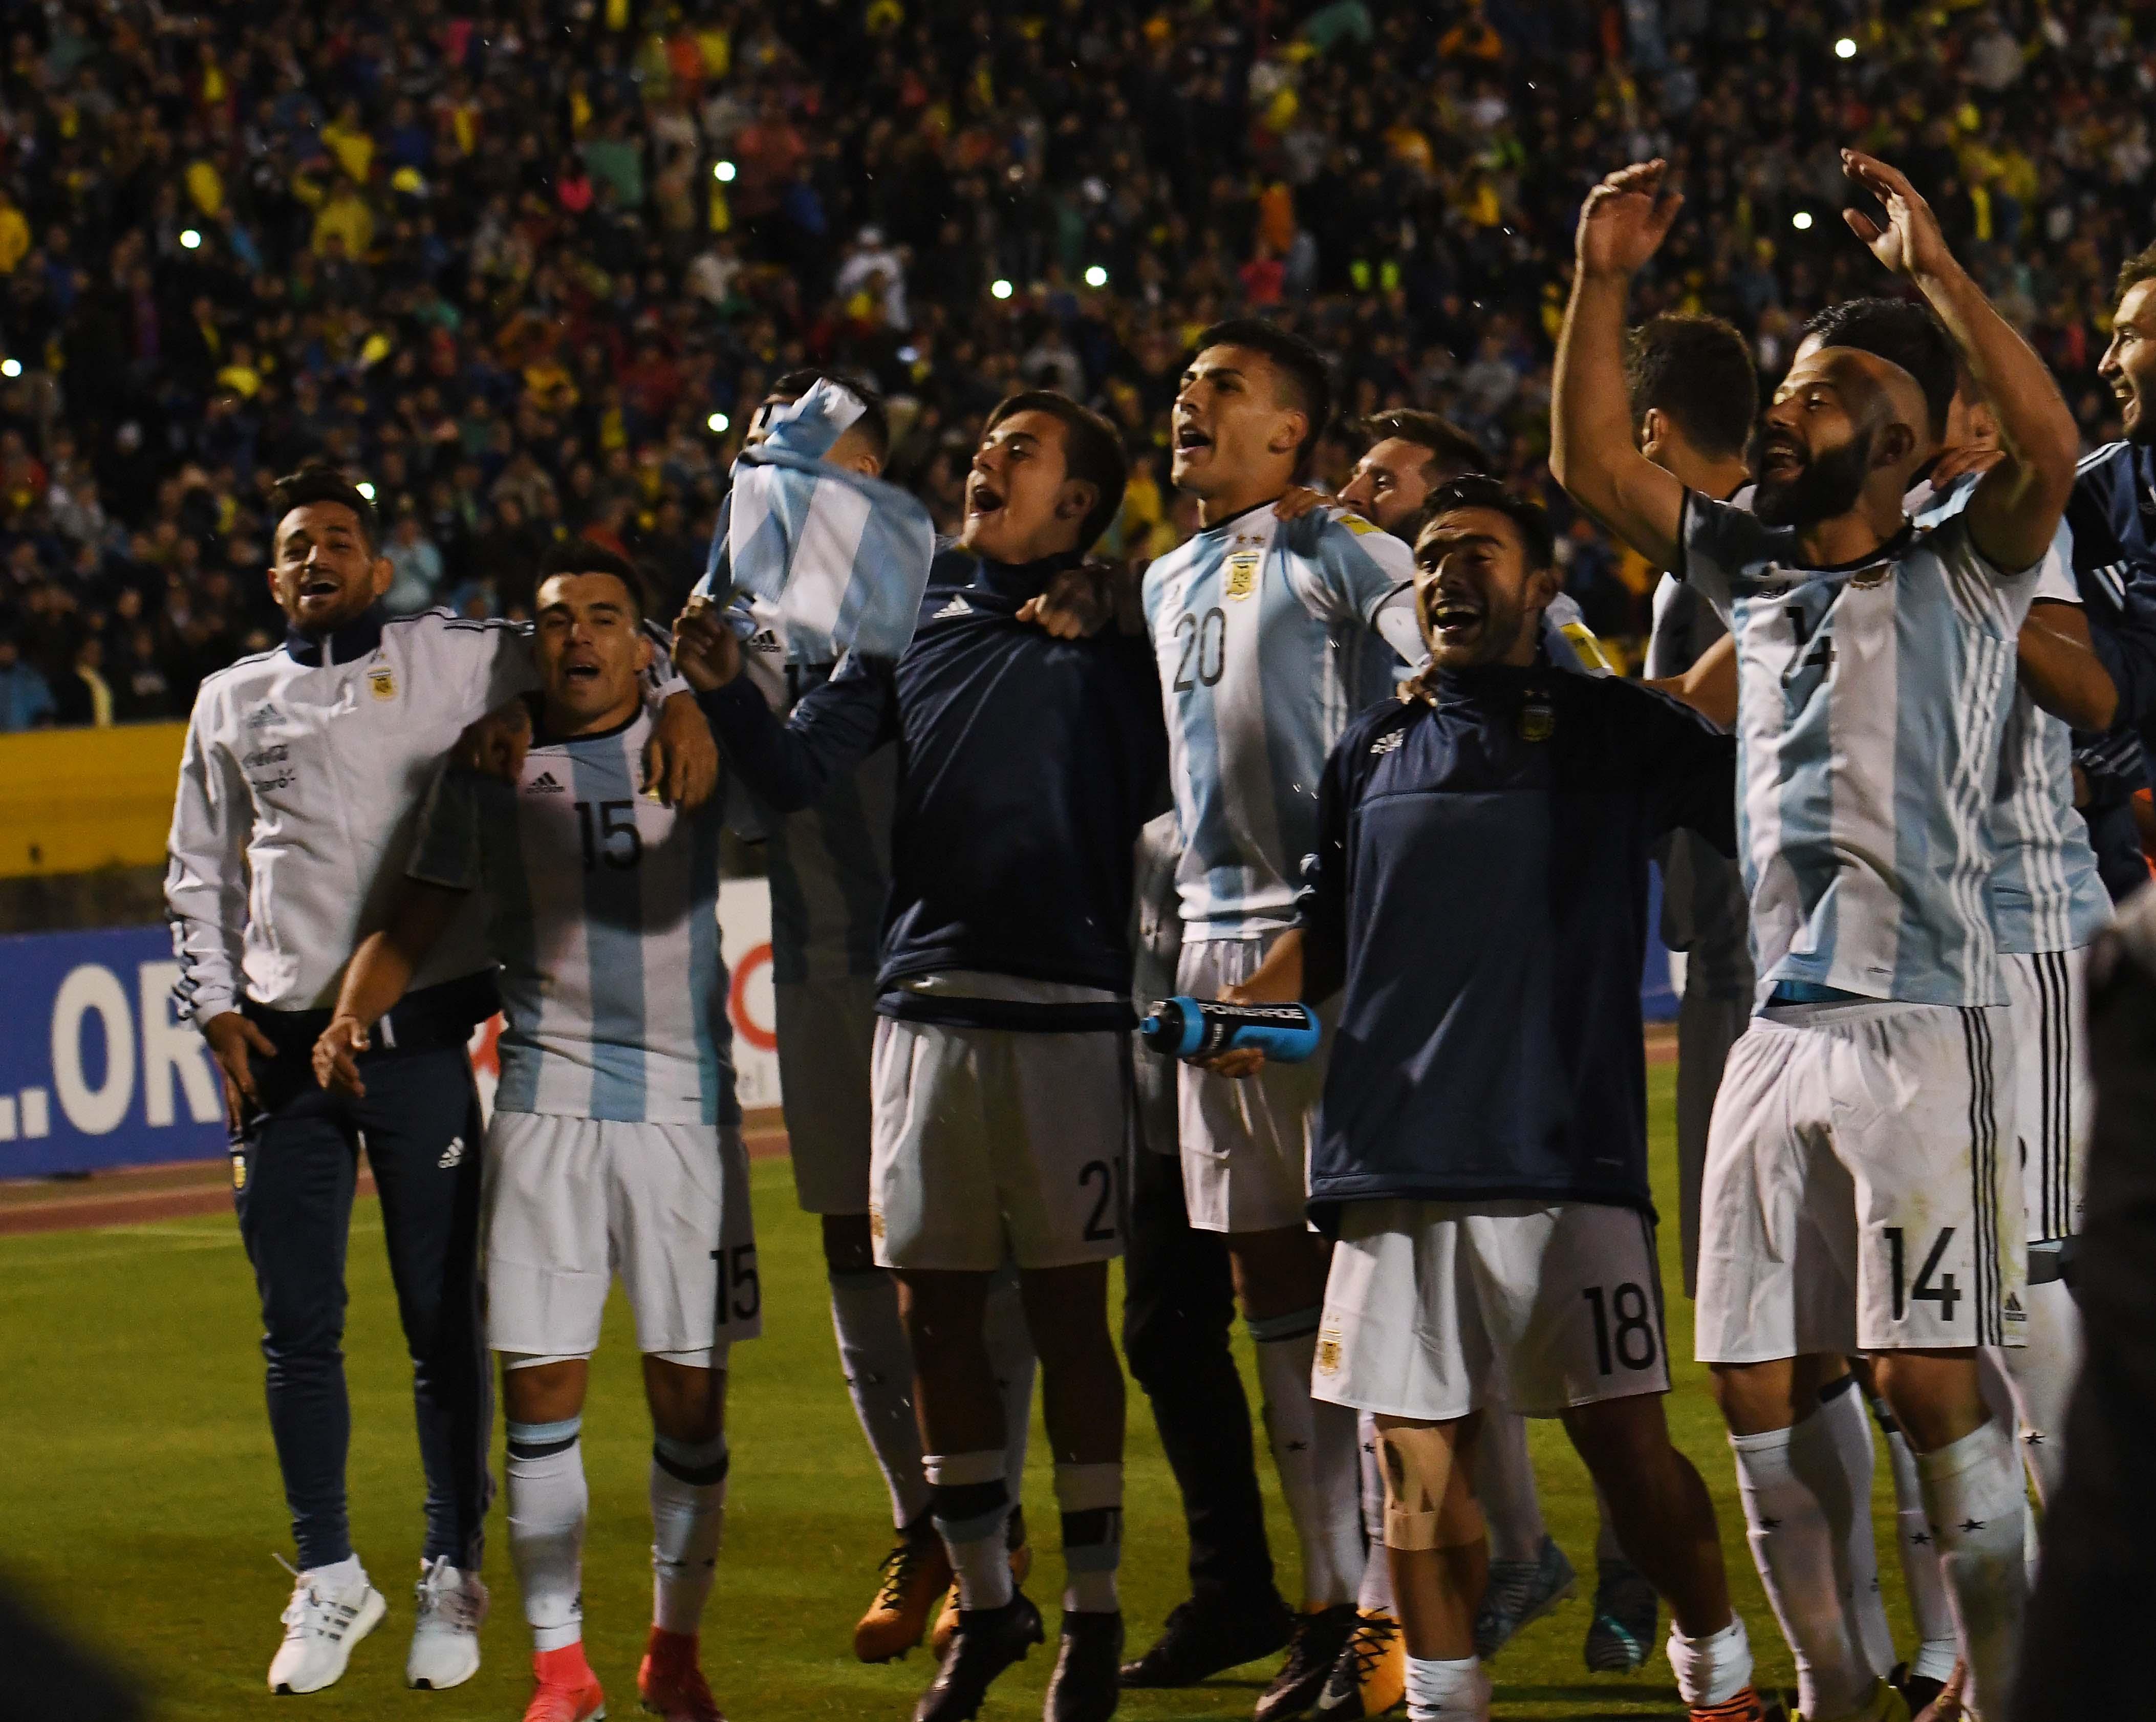 11-10-2017_quito_ecuador_con_tres_goles (1)